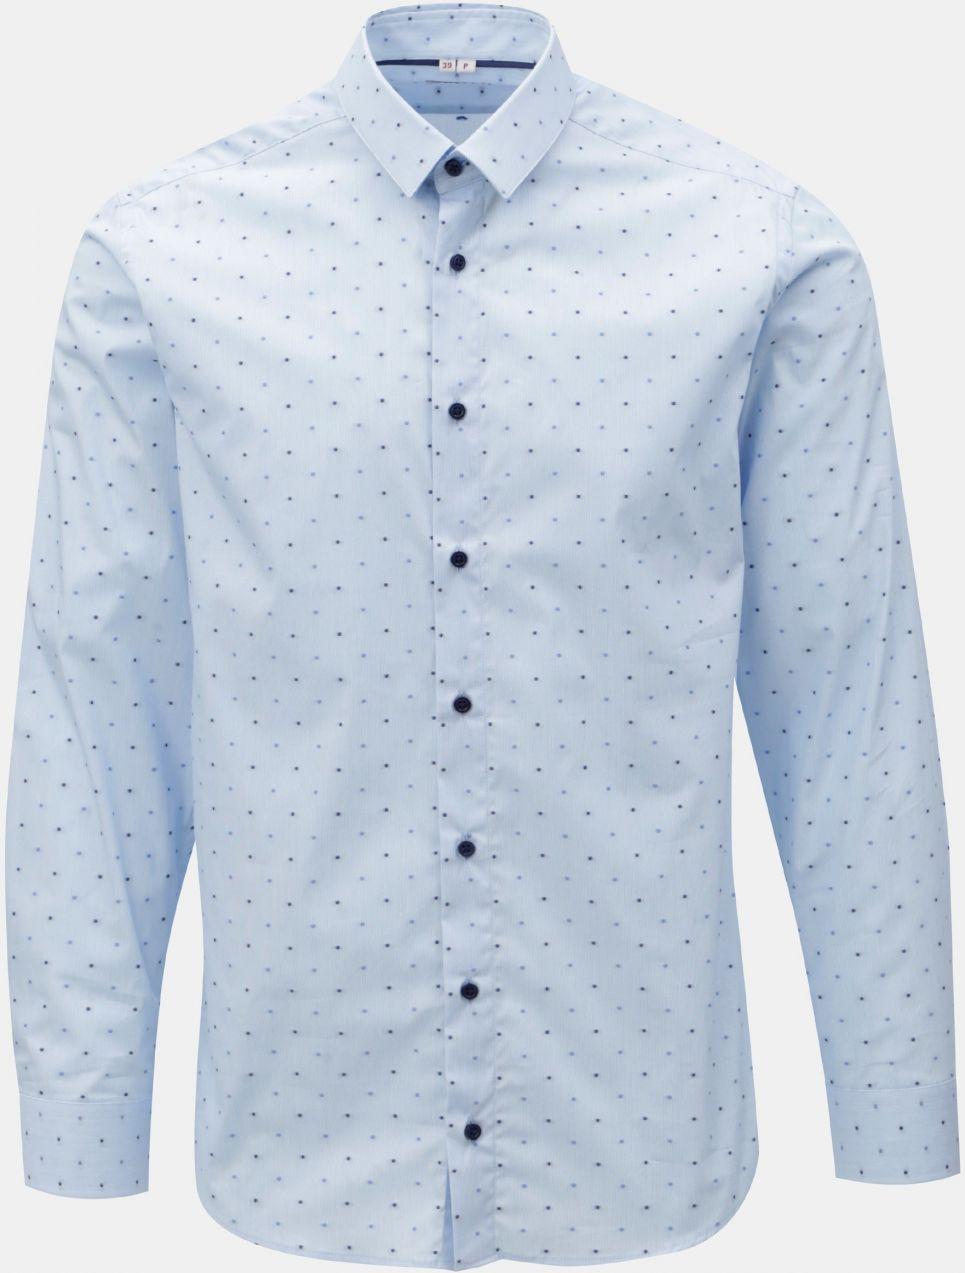 0fbf9040b18c Svetlomodrá pánska bodkovaná formálna košeľa VAVI značky VAVI ...